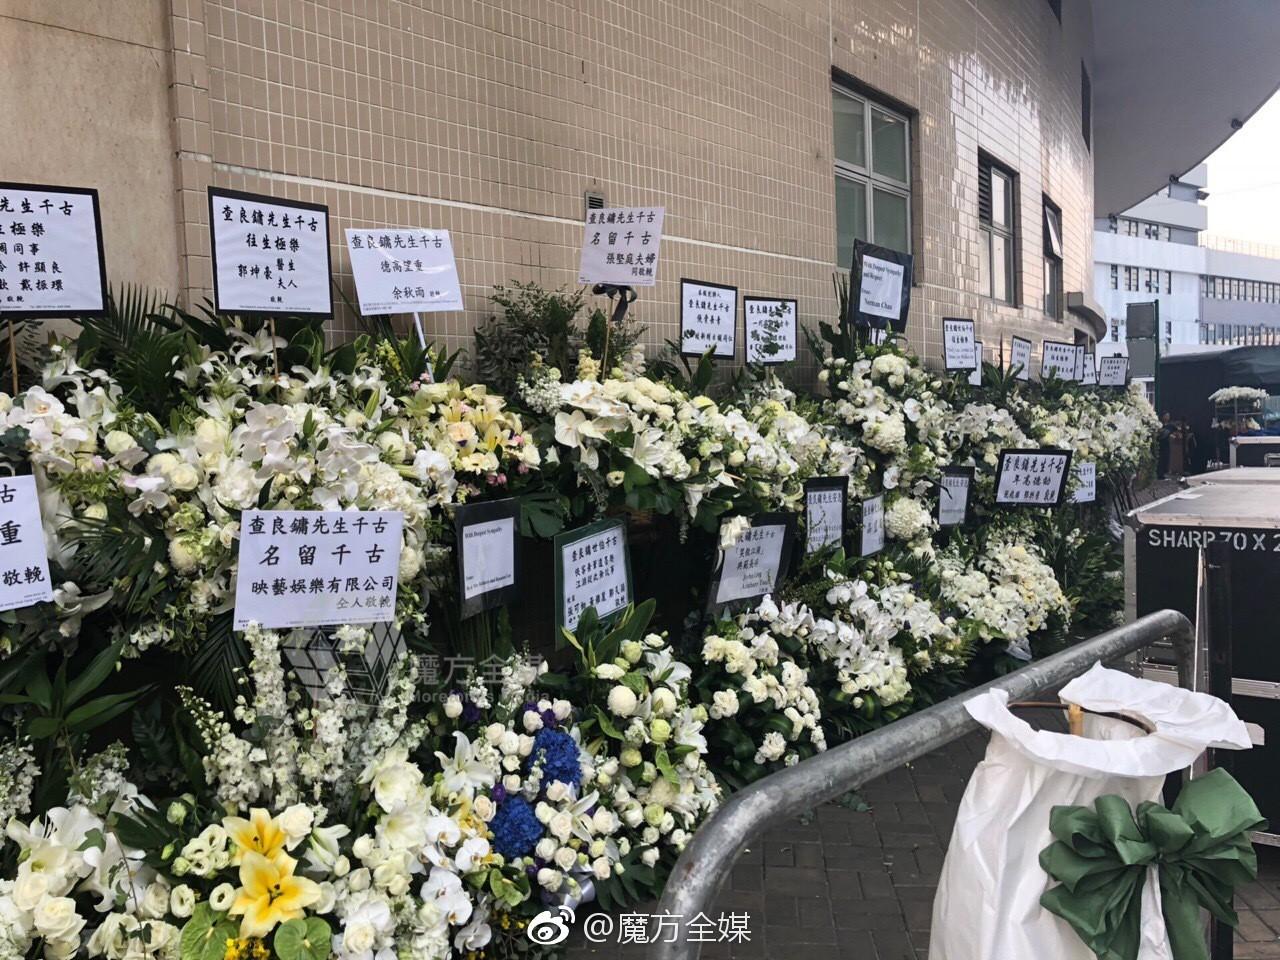 Tang lễ nhà văn Kim Dung: Lưu Đức Hoa, Huỳnh Hiểu Minh cùng dàn nghệ sĩ gửi hoa trắng rợp trời - Ảnh 11.